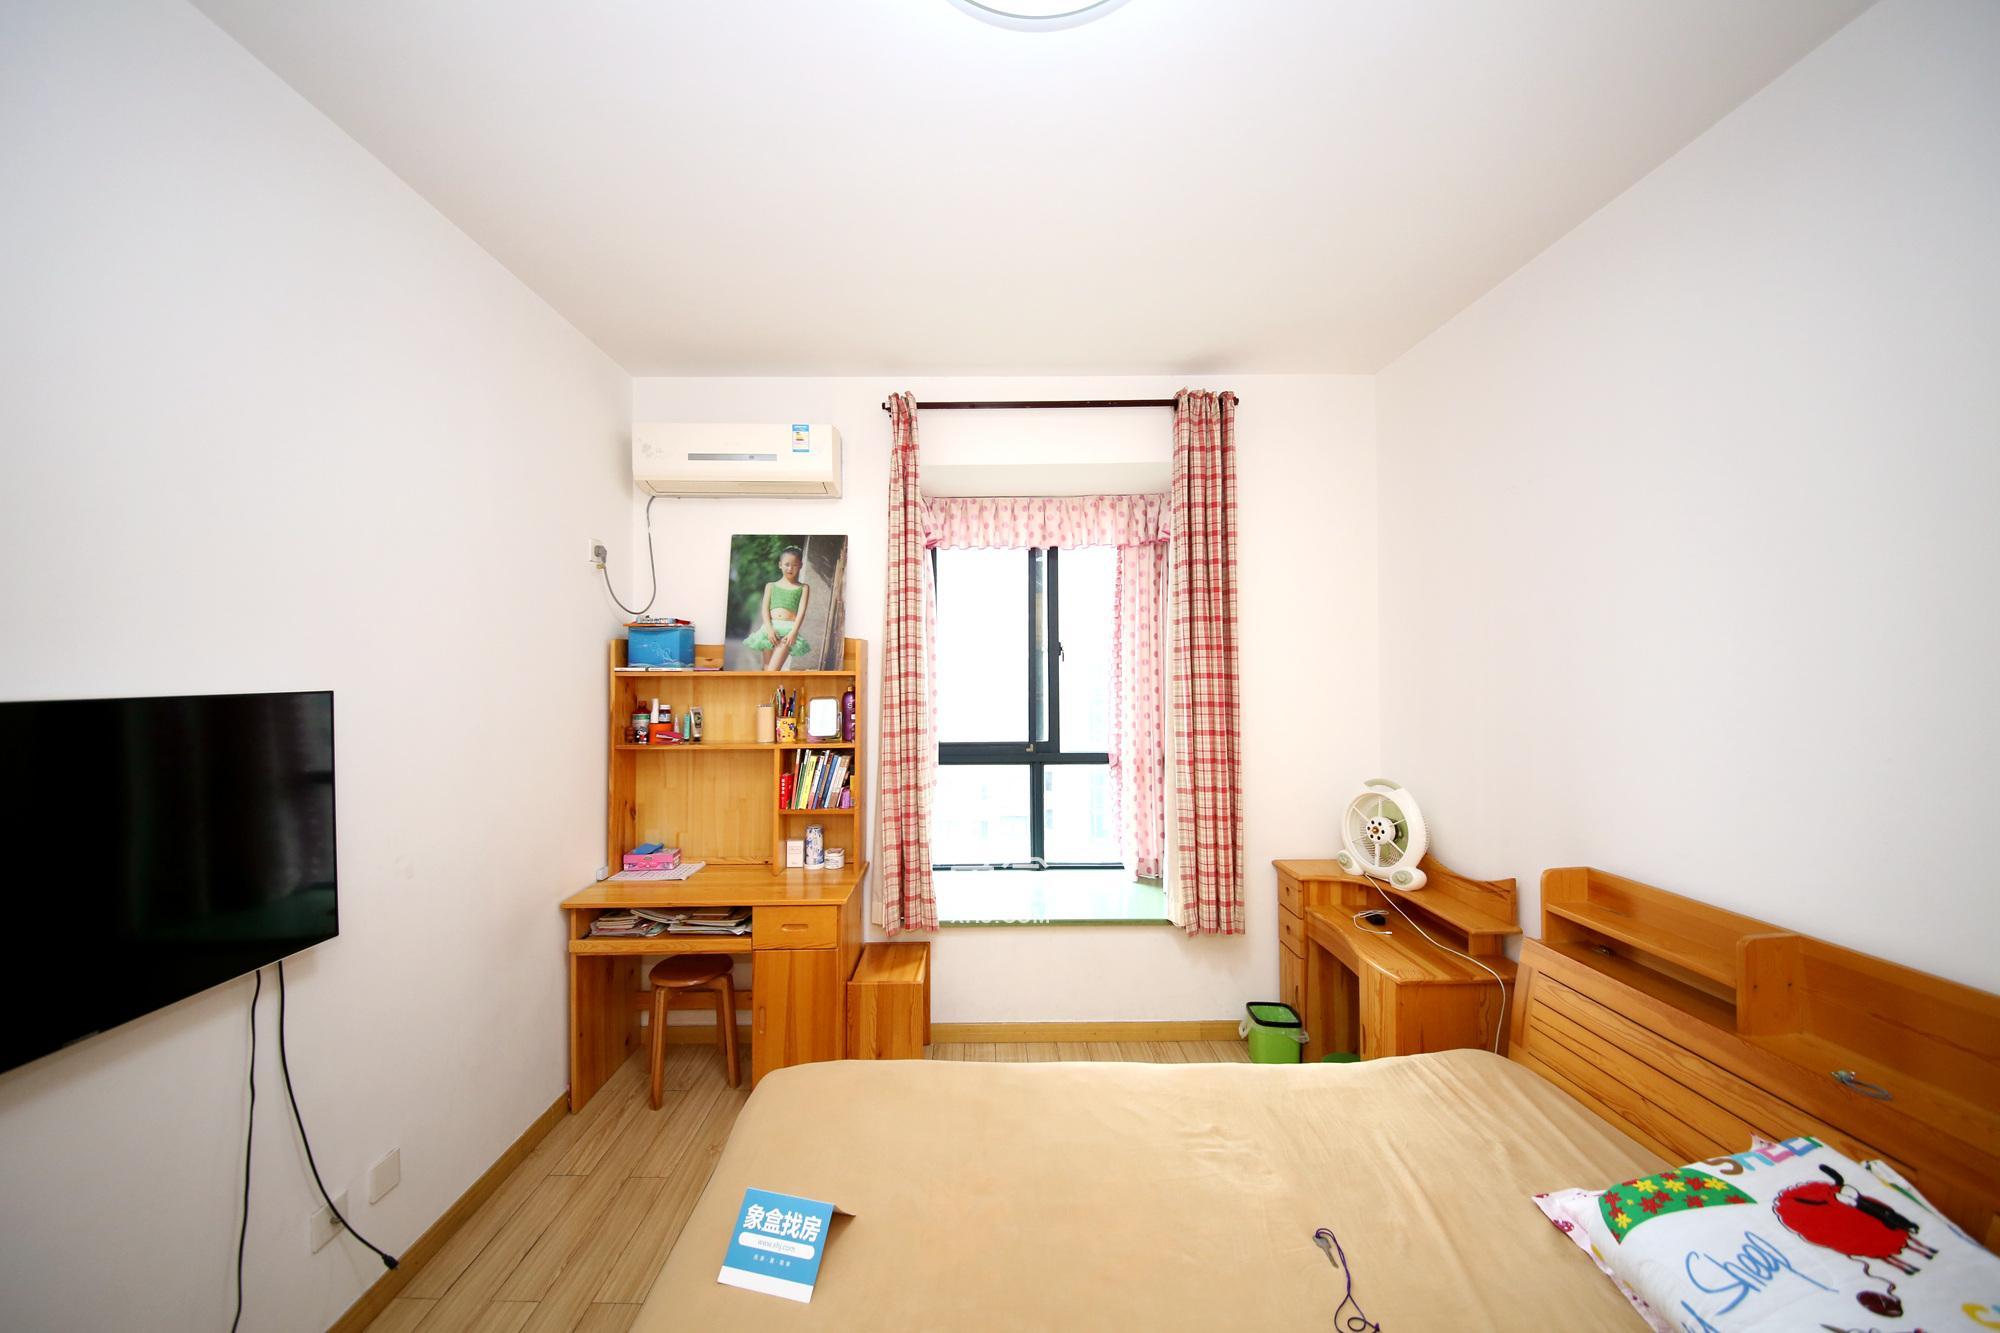 世纪城南边苑小三房 精装修 家电家具非常齐全 可投资也可自住